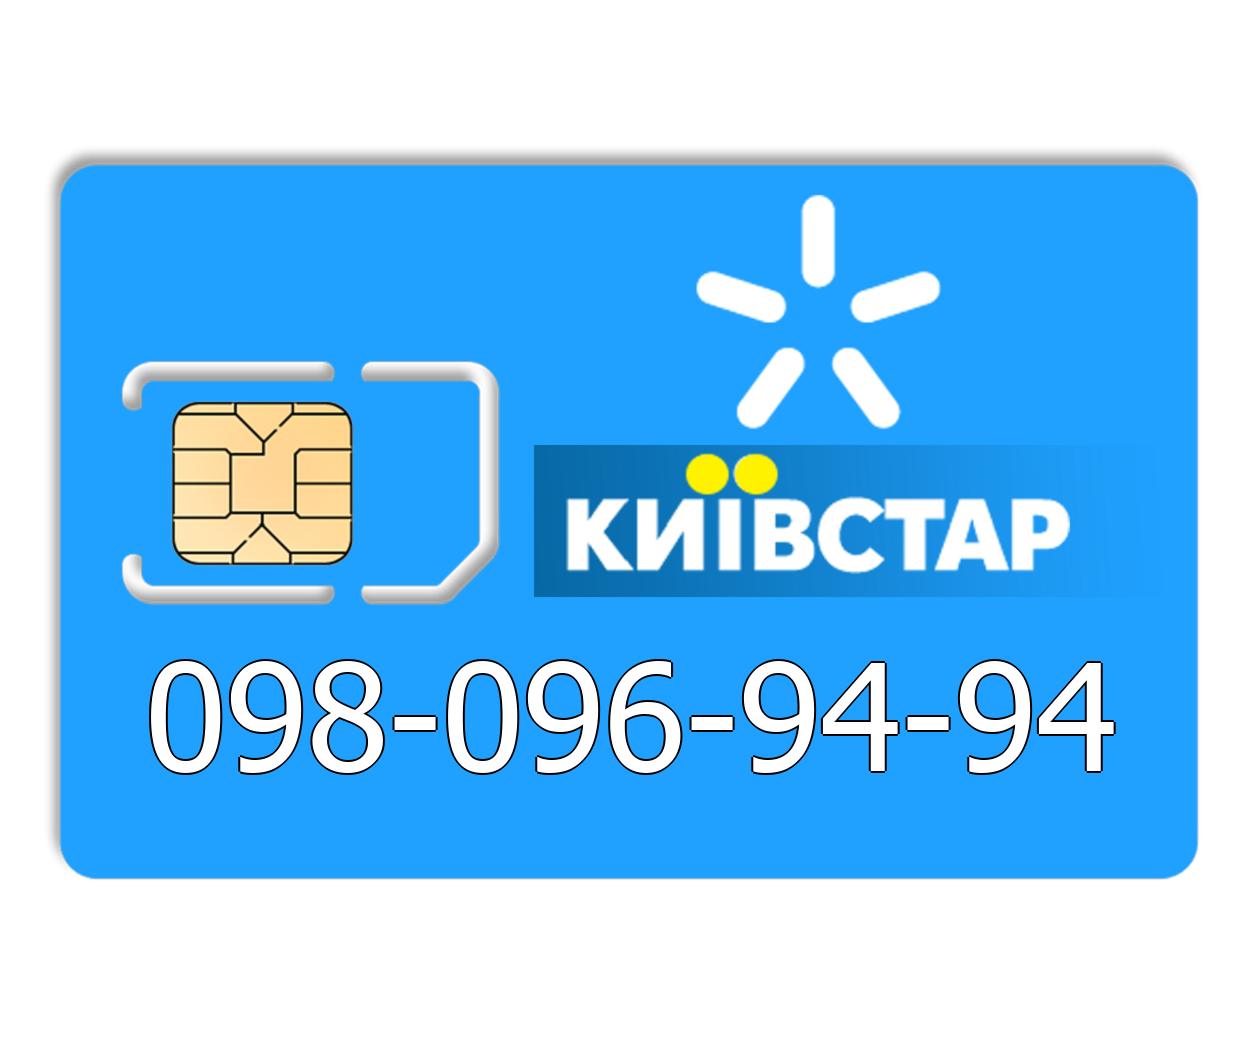 Красивый номер Киевстар 098-096-94-94